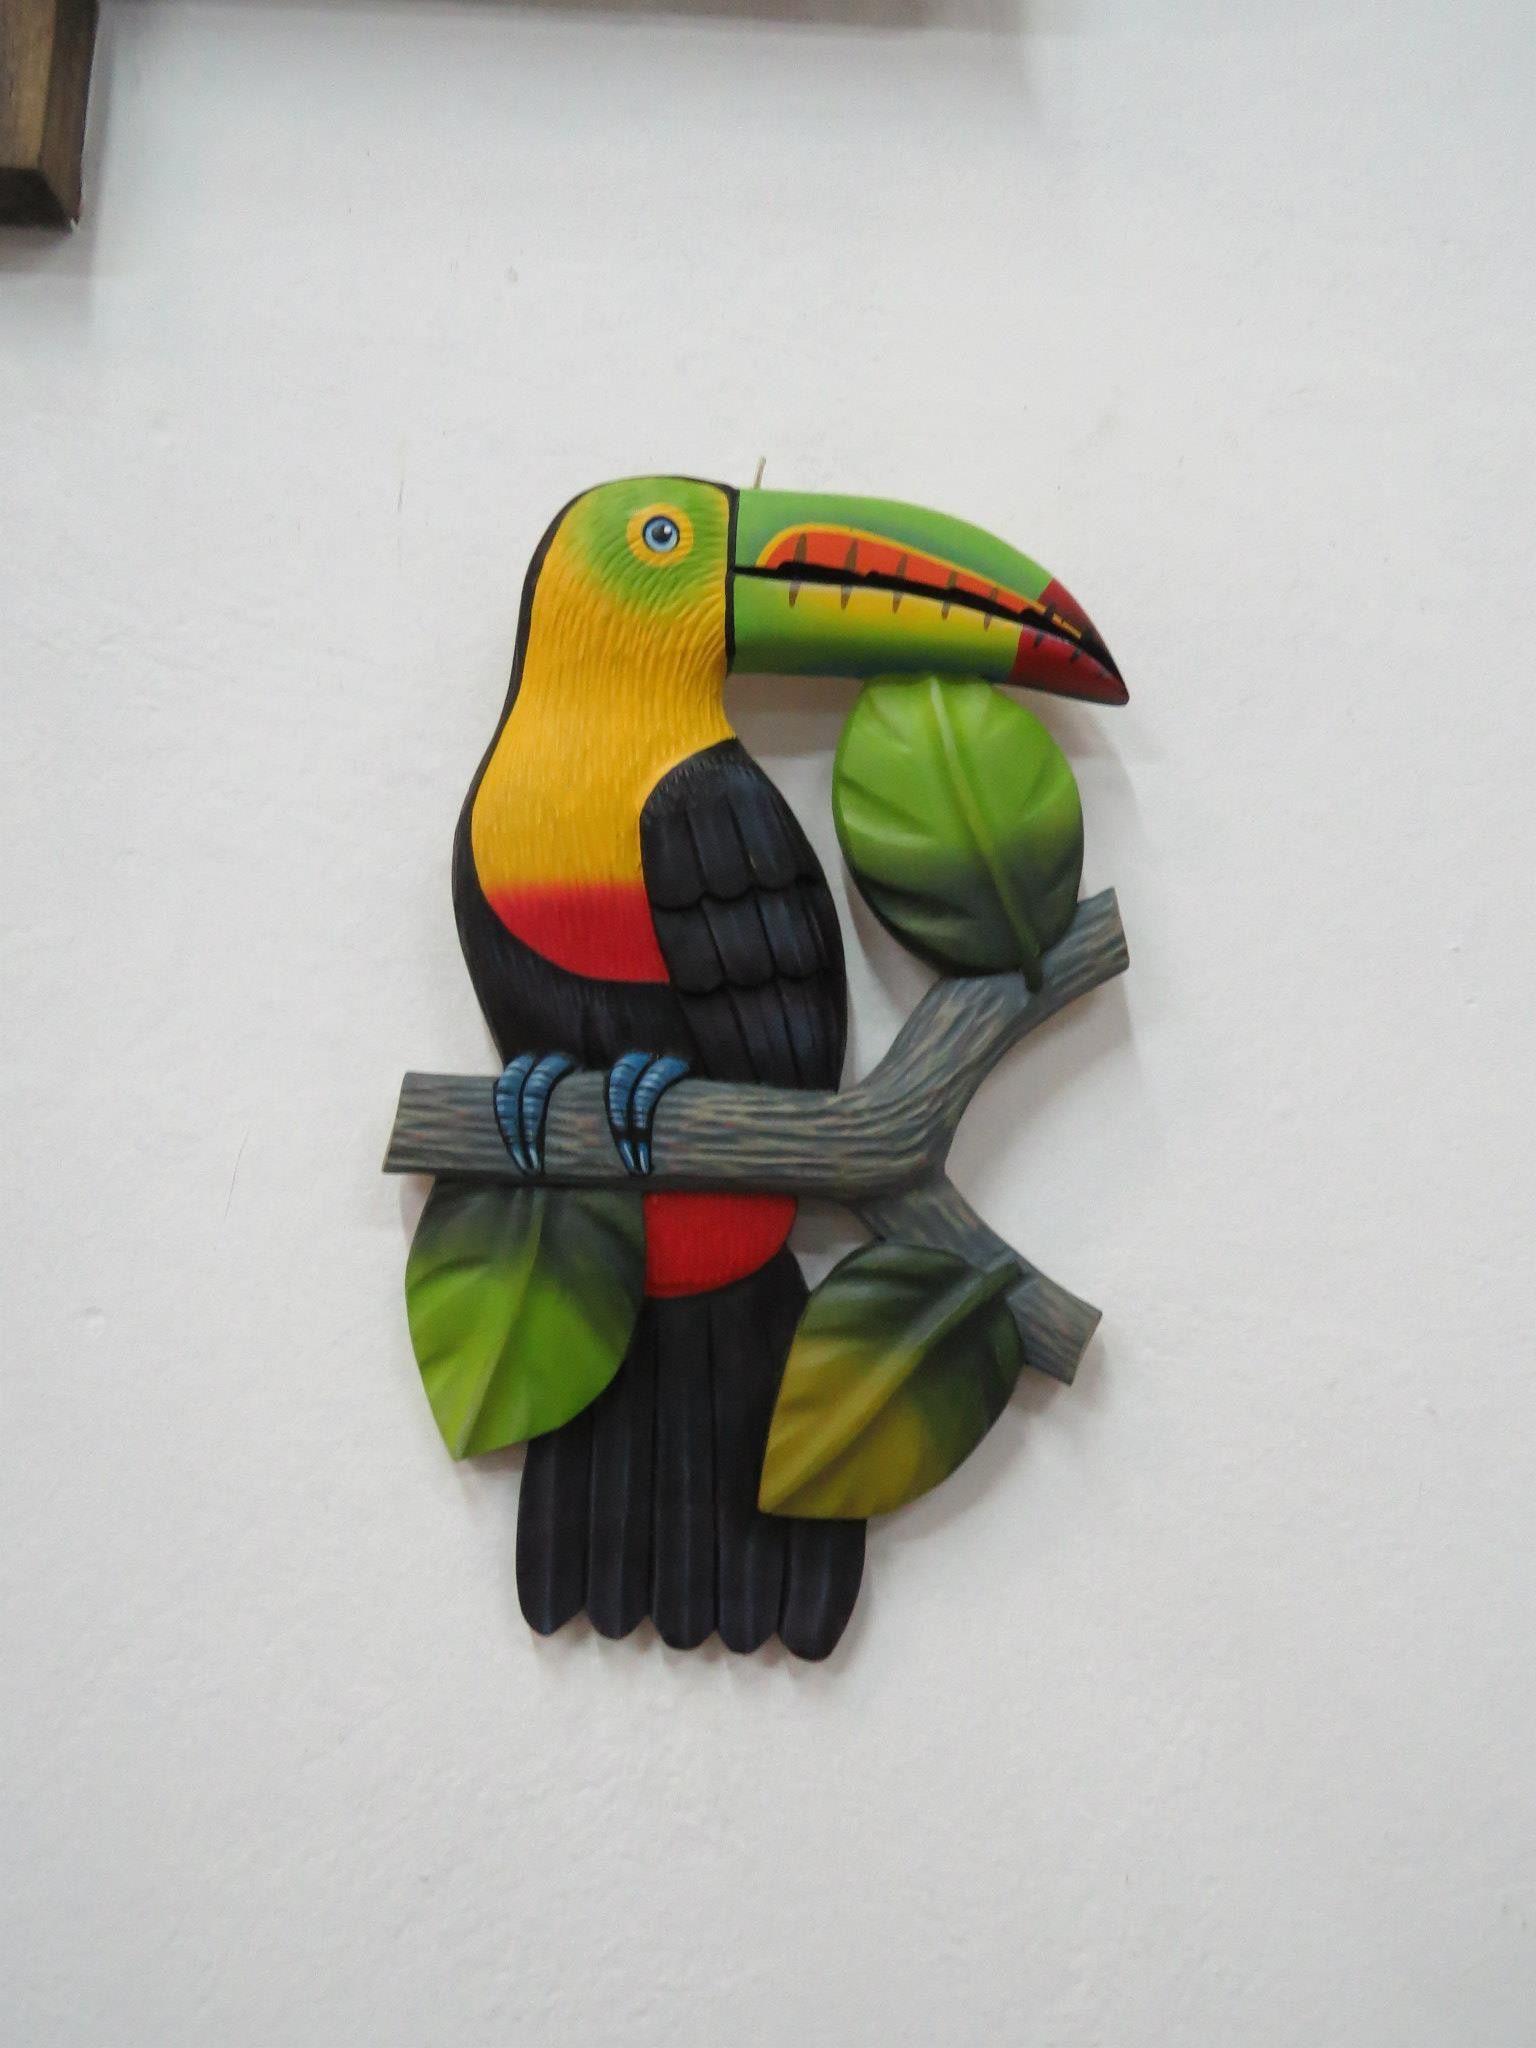 Pin By Ana Victoria Sandoval On Sarch Pinterest # Muebles Sarchi Ciudad Quesada